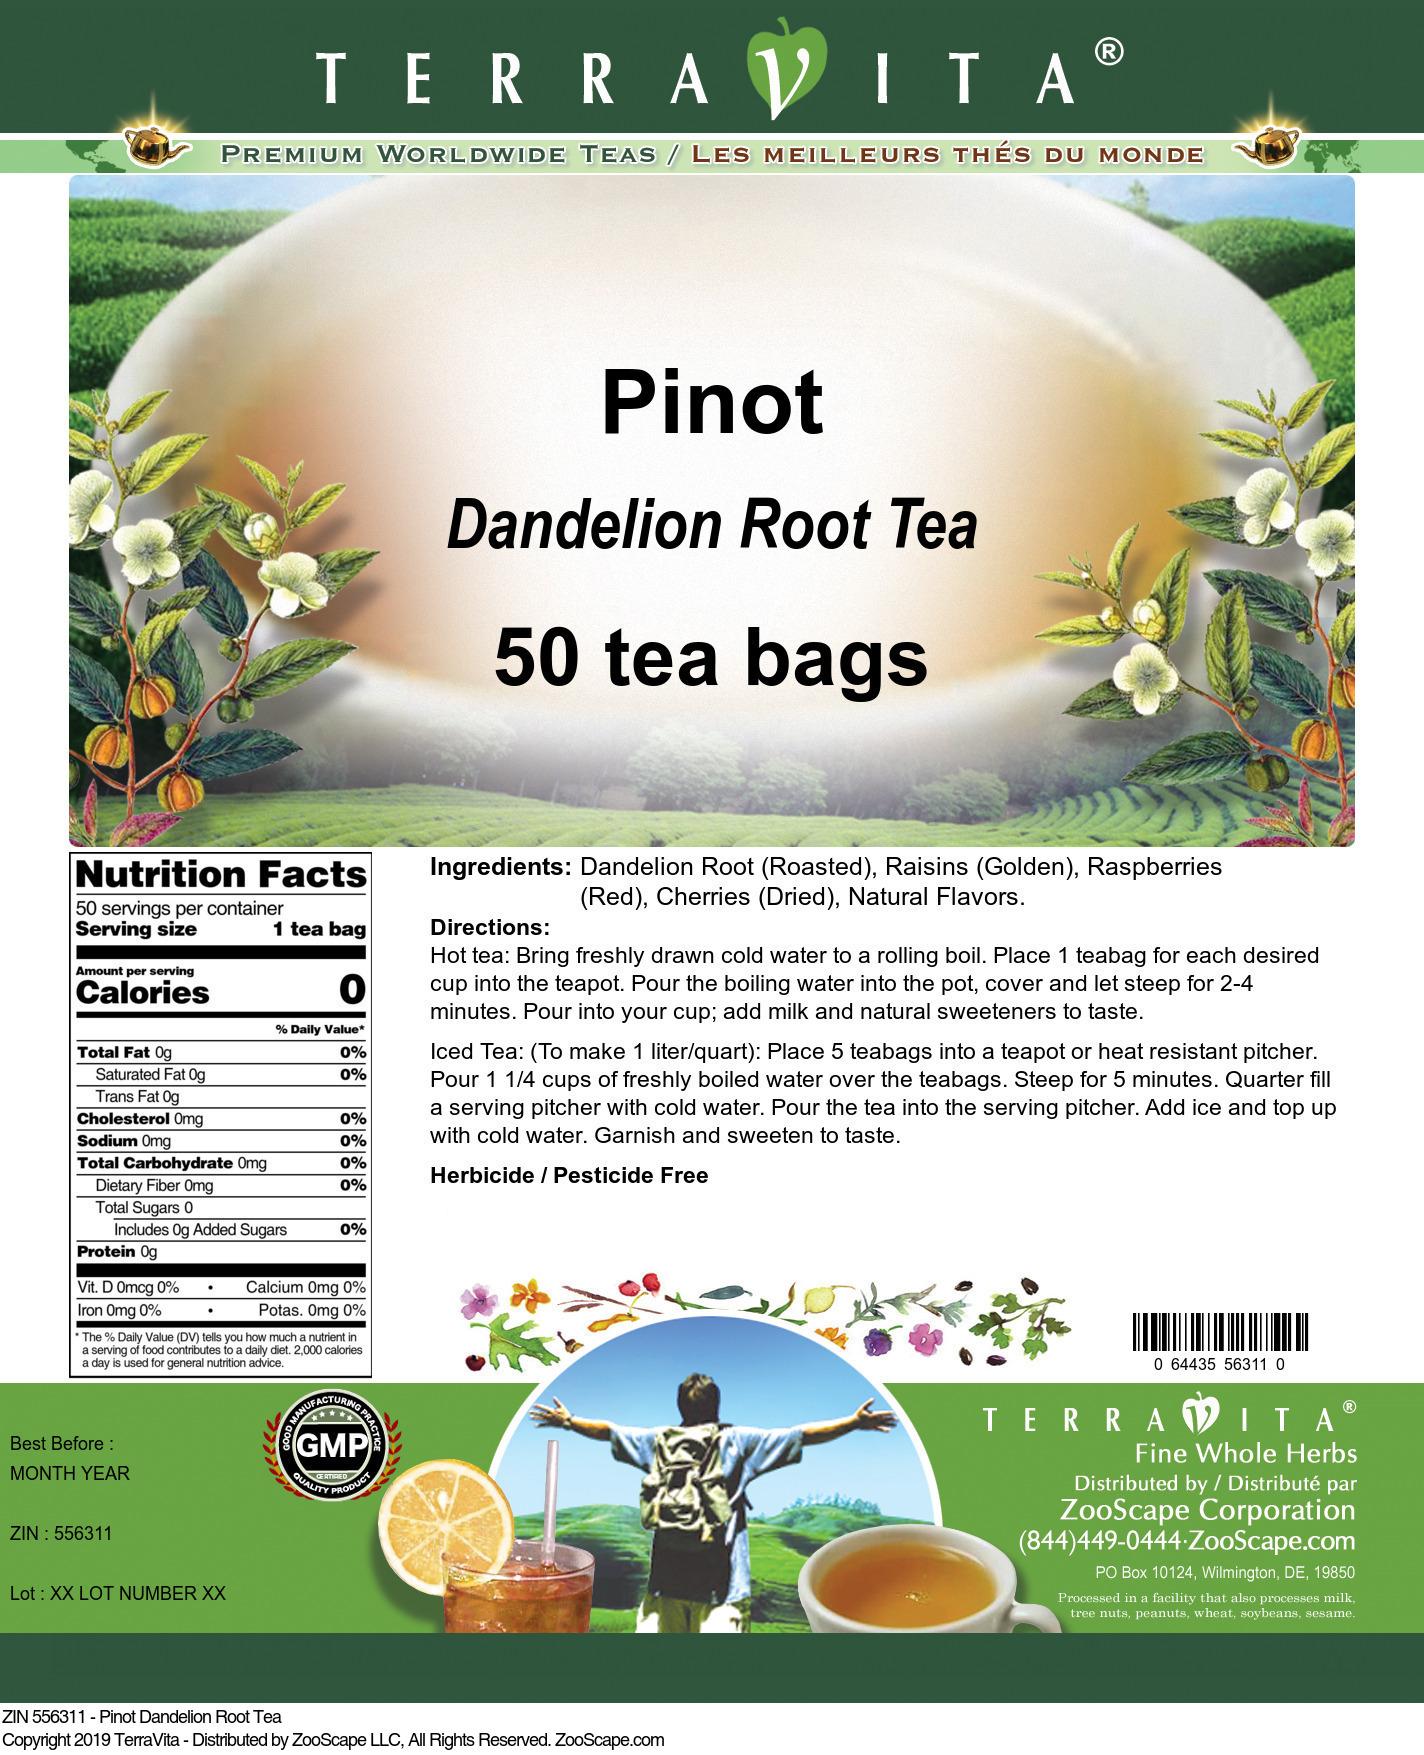 Pinot Dandelion Root